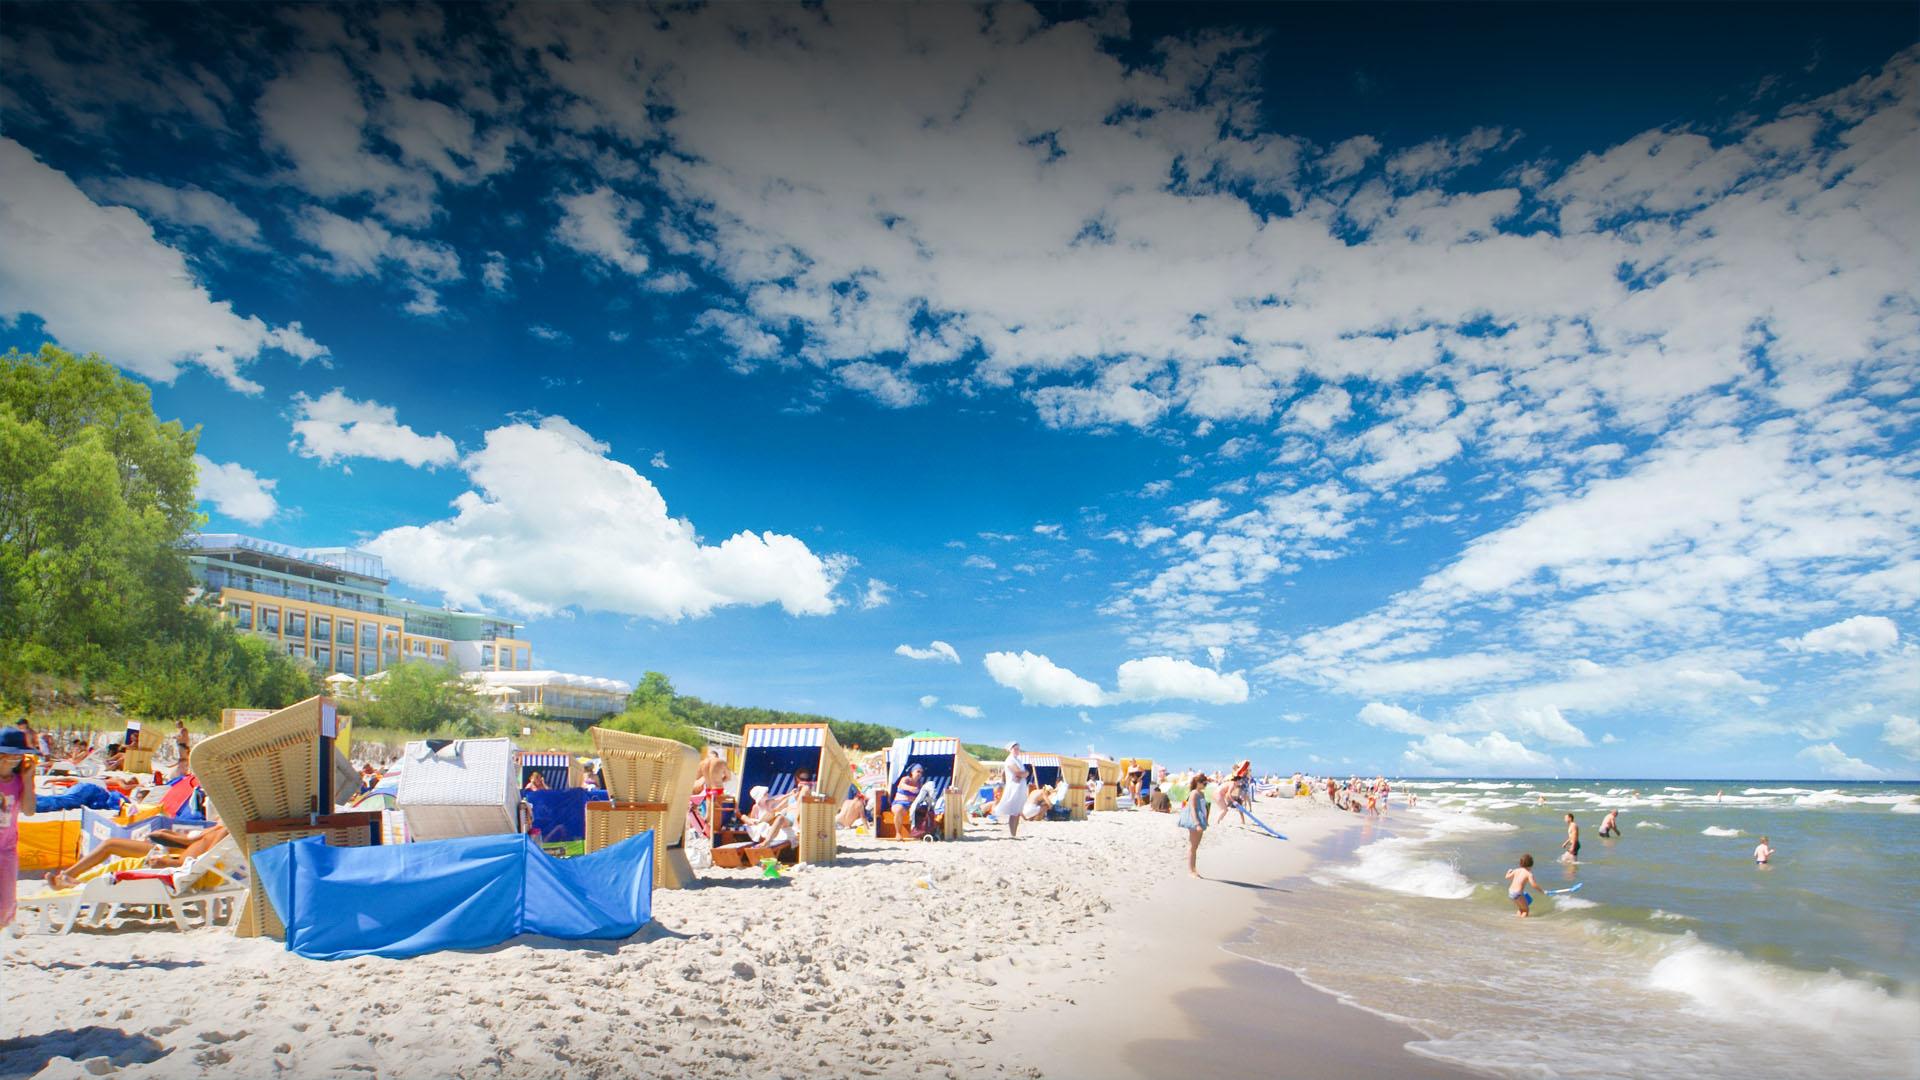 Plaża w Juracie przy hotelu Bryza